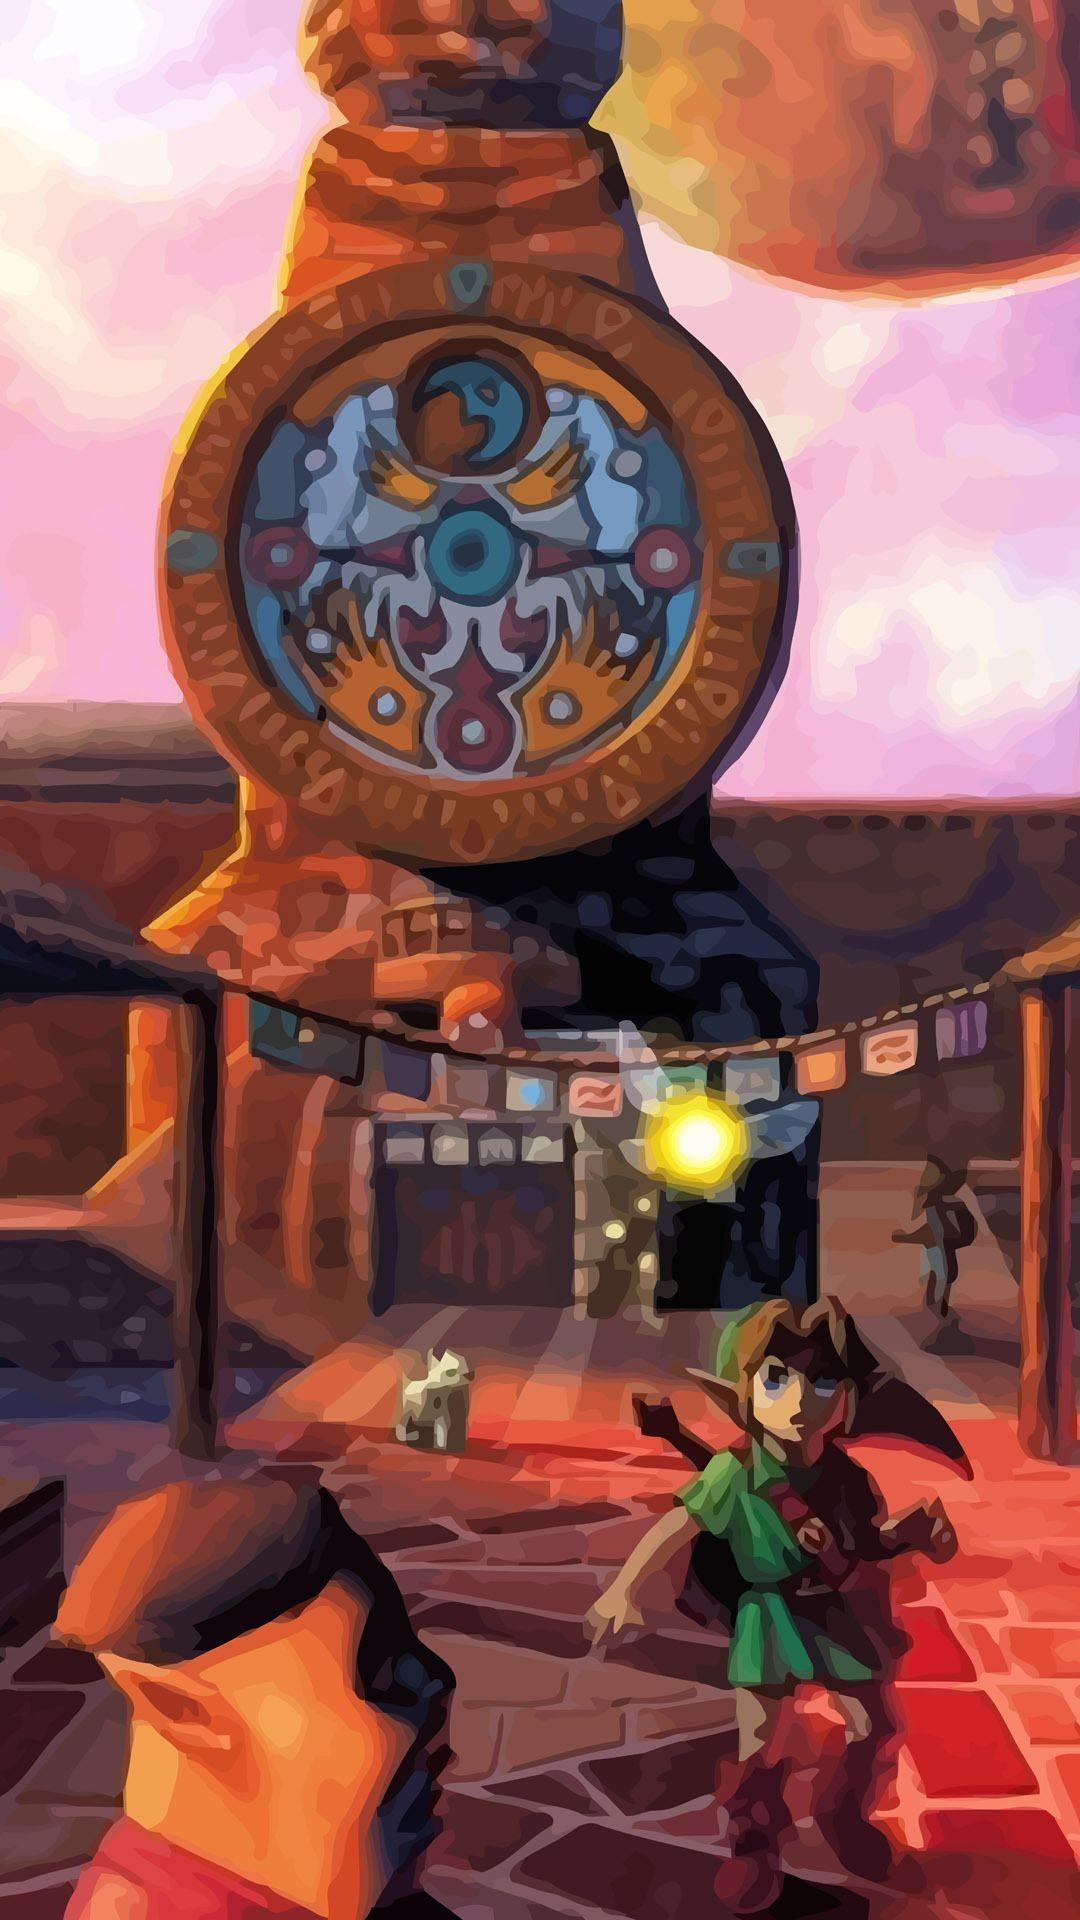 The Legend of Zelda – Majoras Mask Mobile Wallpaper 9363